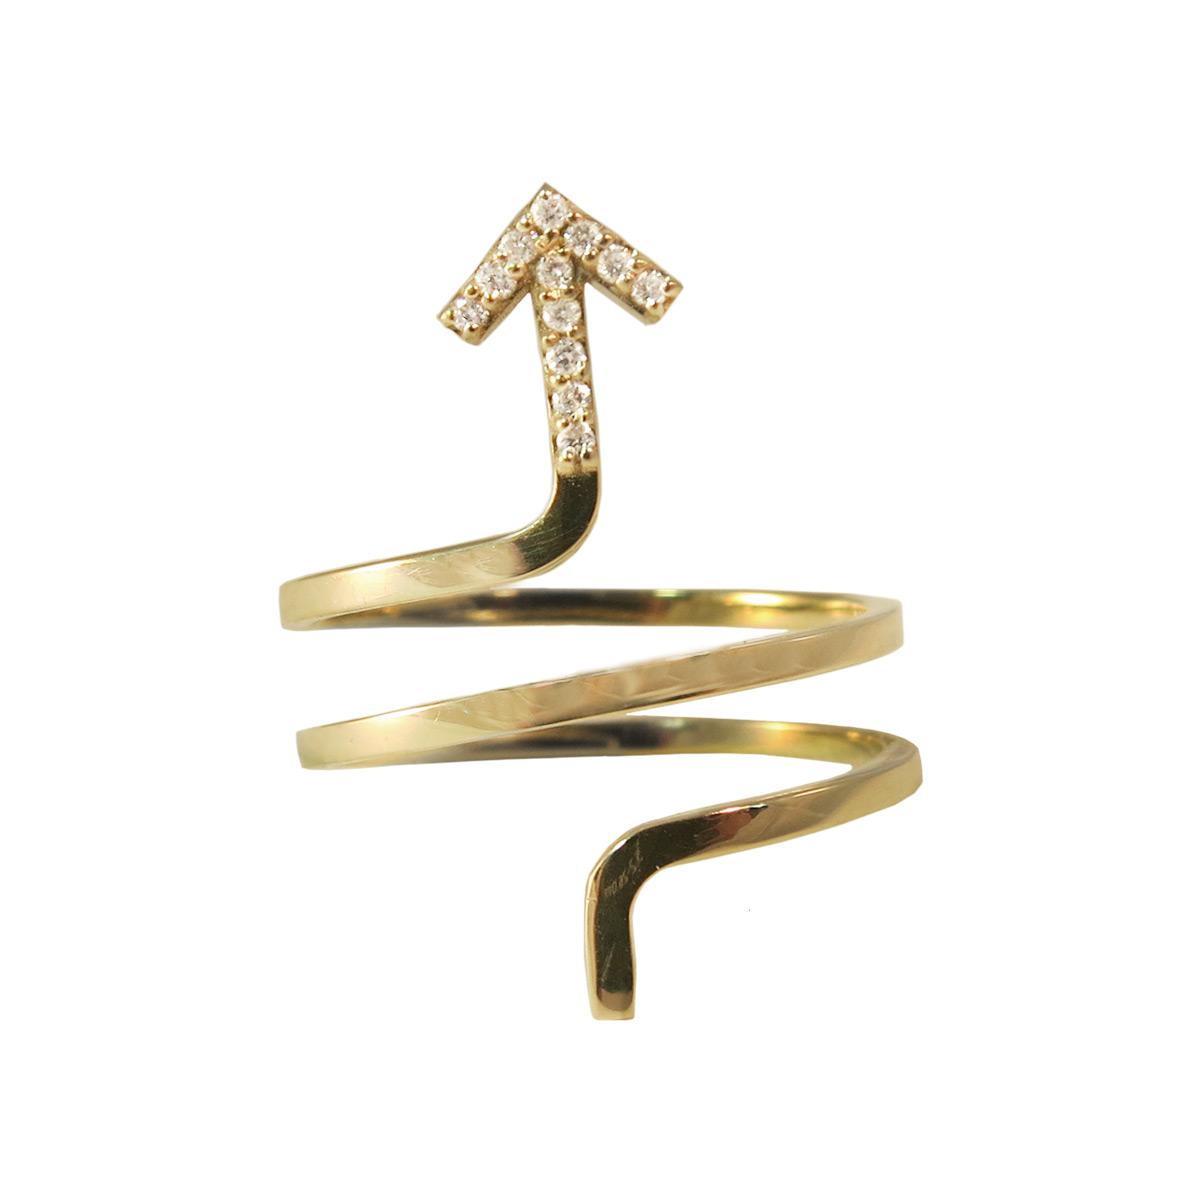 Golden Thread My Journey Ring, 14k Gold & White Diamond Tip